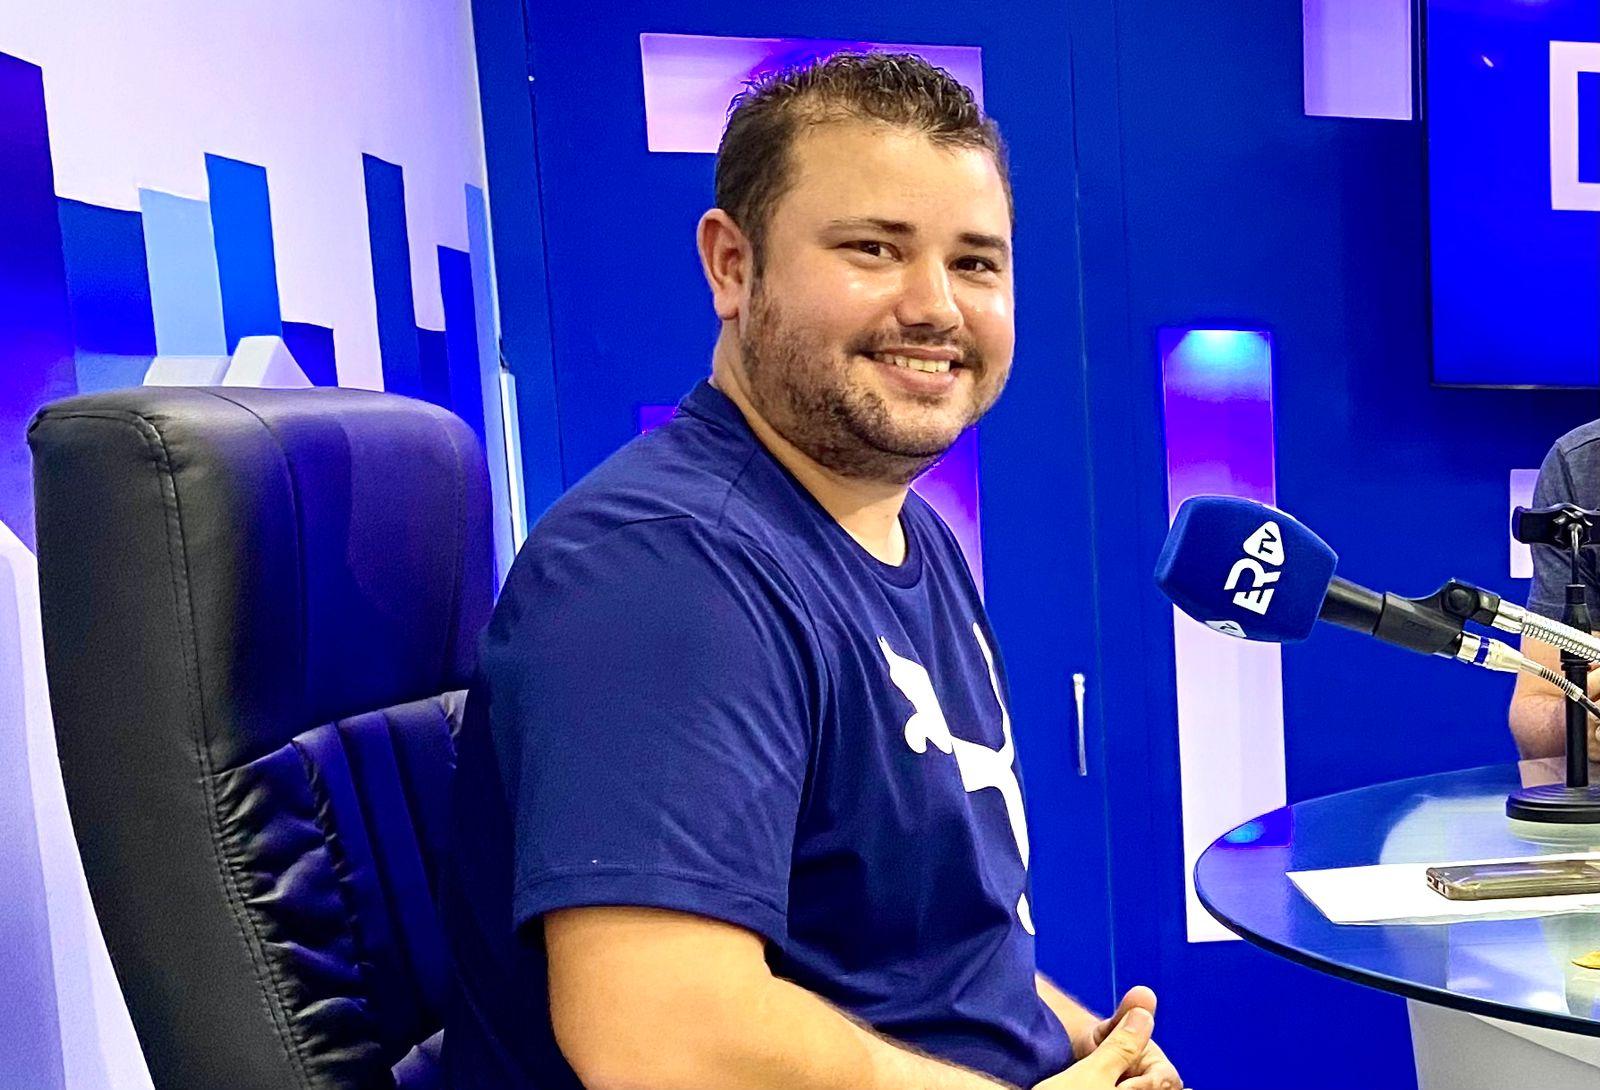 Ruan-Pereira Pré-candidato a deputado estadual defende a democracia e representante da região na Assembleia Legislativa da Paraíba.